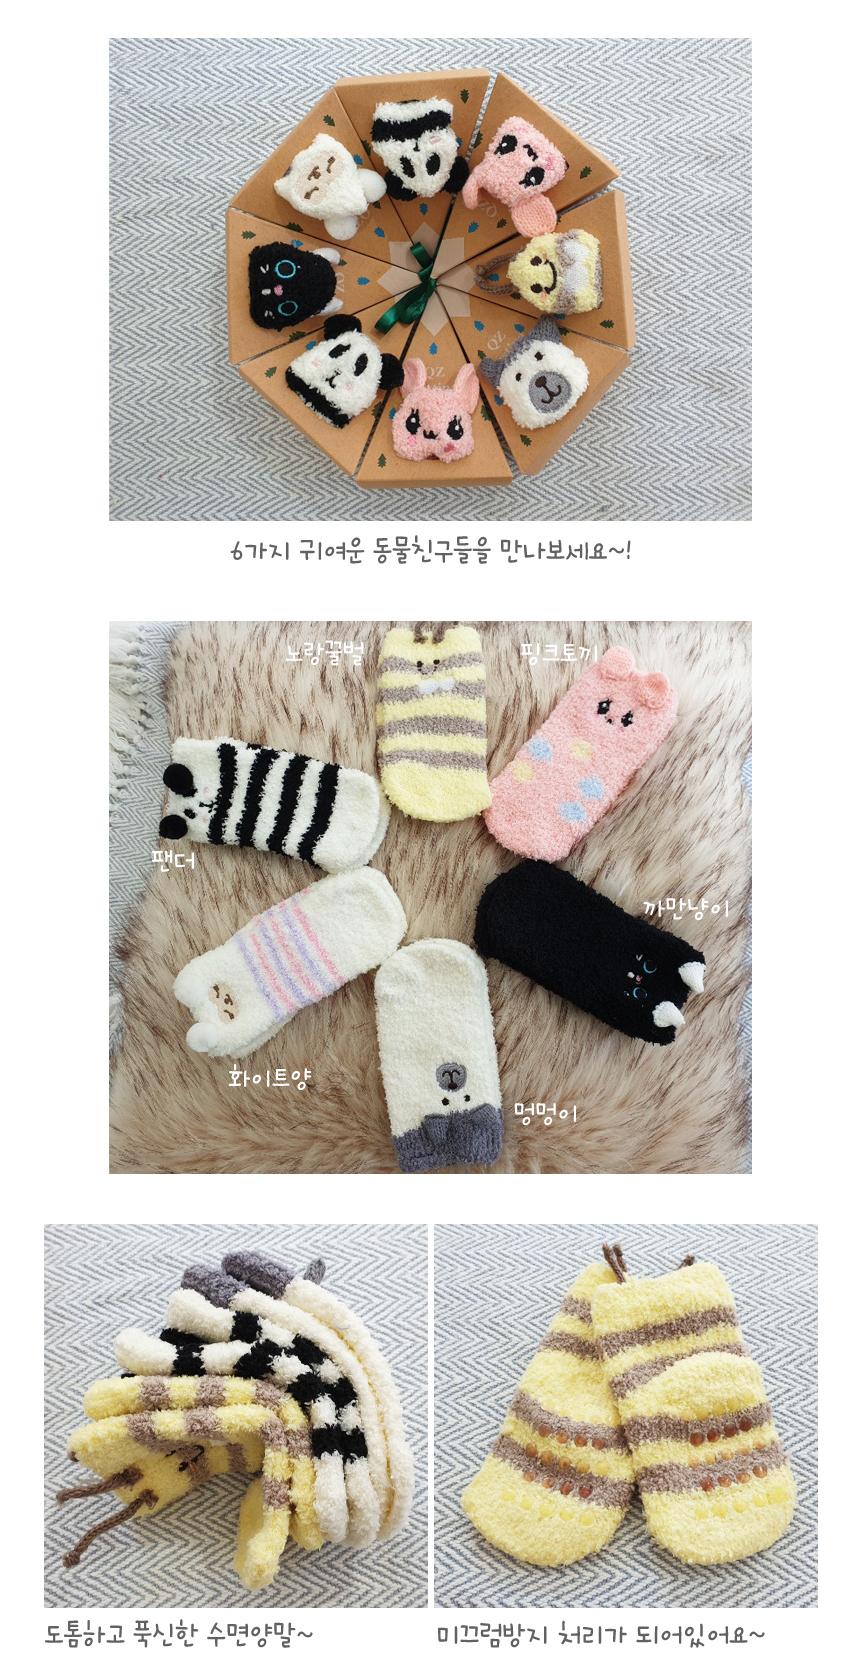 zoo_socks_02.jpg